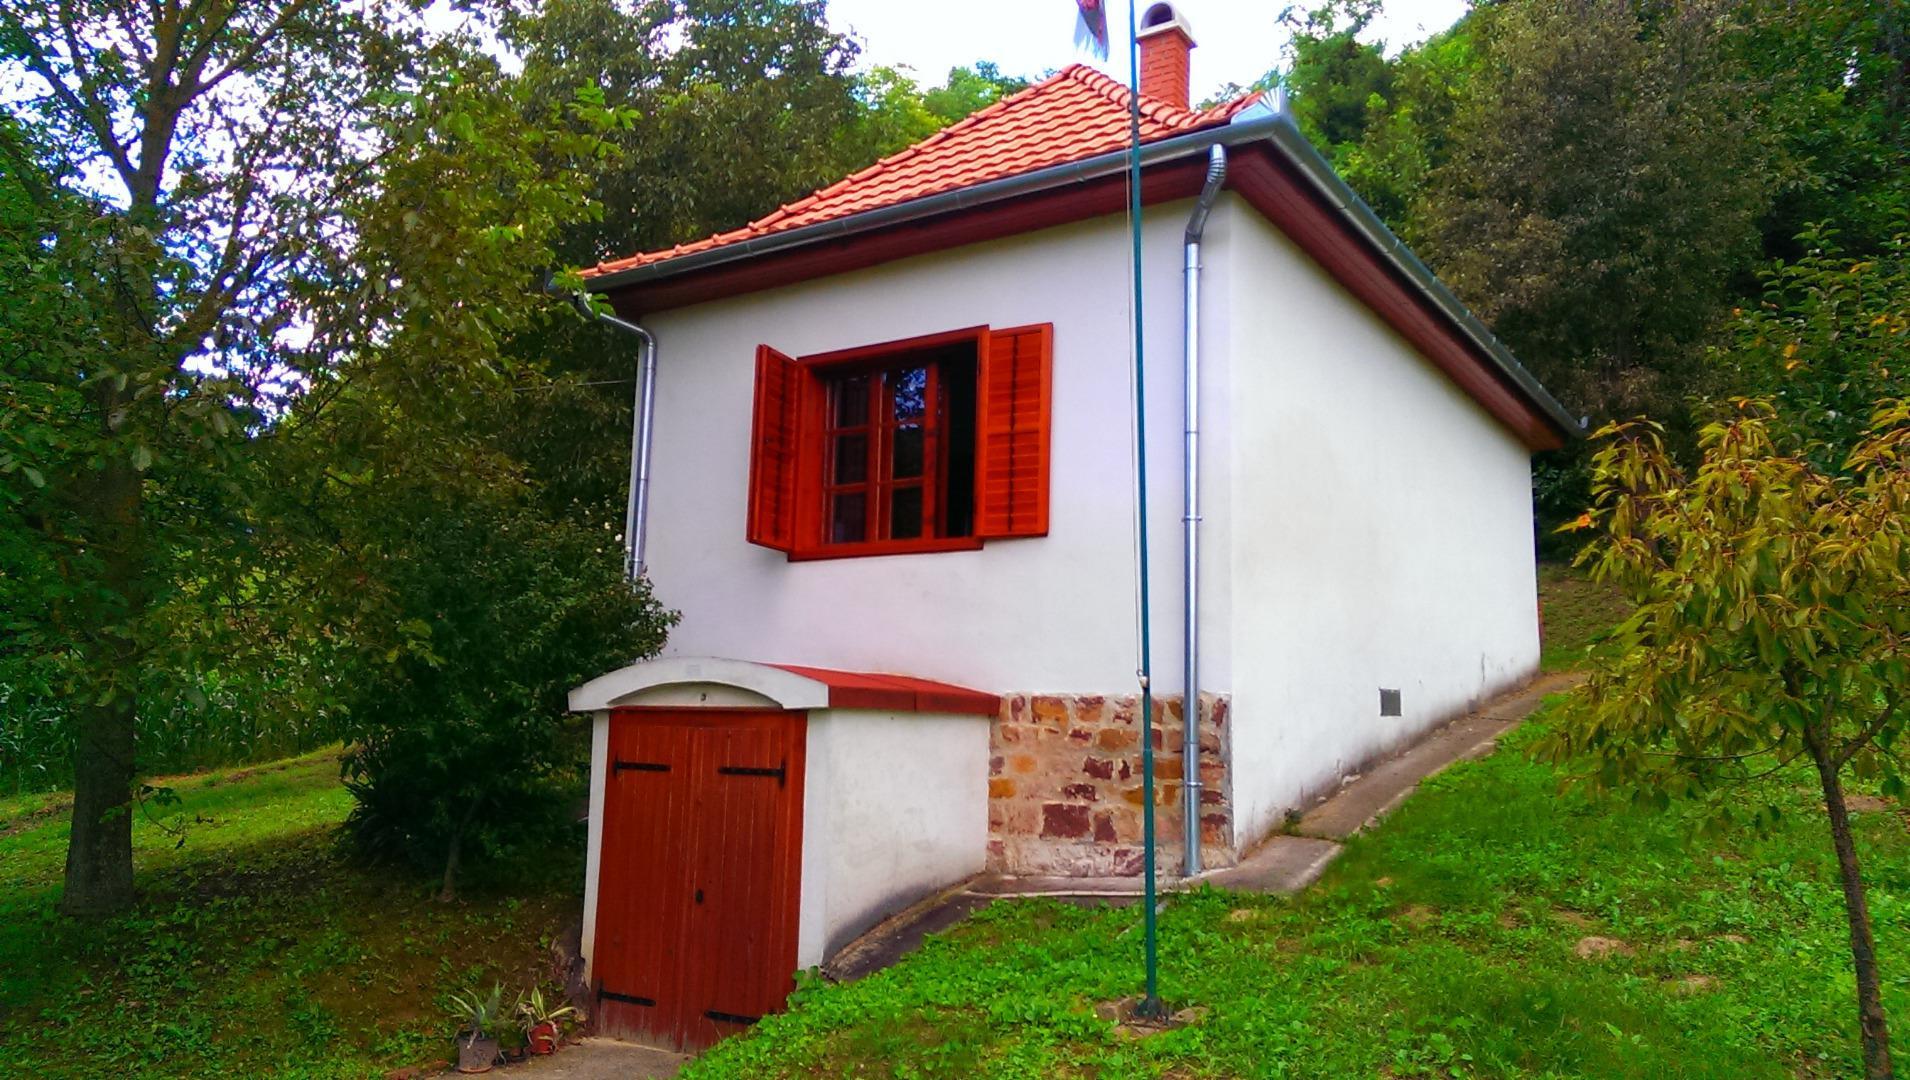 Újabb borvidékeken jártunk! Jöjjenek Zala, Somló és a Balaton-felvidék legszebb borospincéi!